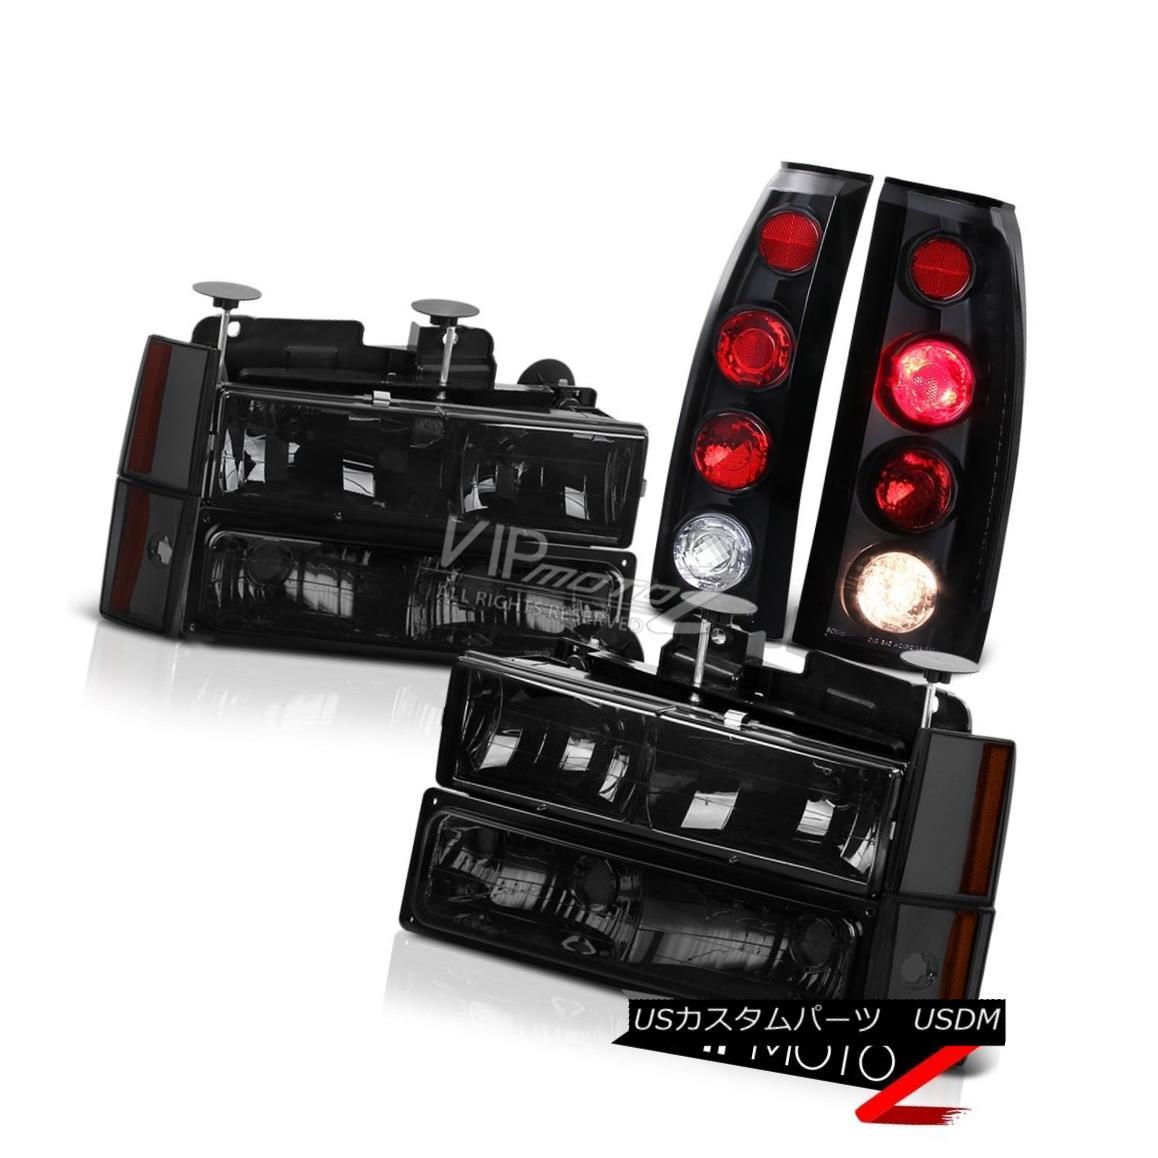 ヘッドライト Black Rear Brake Light Assembly+Smoke Corner Parking Headlight 88-93 Chevy C10 ブラックリアブレーキライトアセンブリ+煙コーナーパーキングヘッドライト88-93 Chevy C10